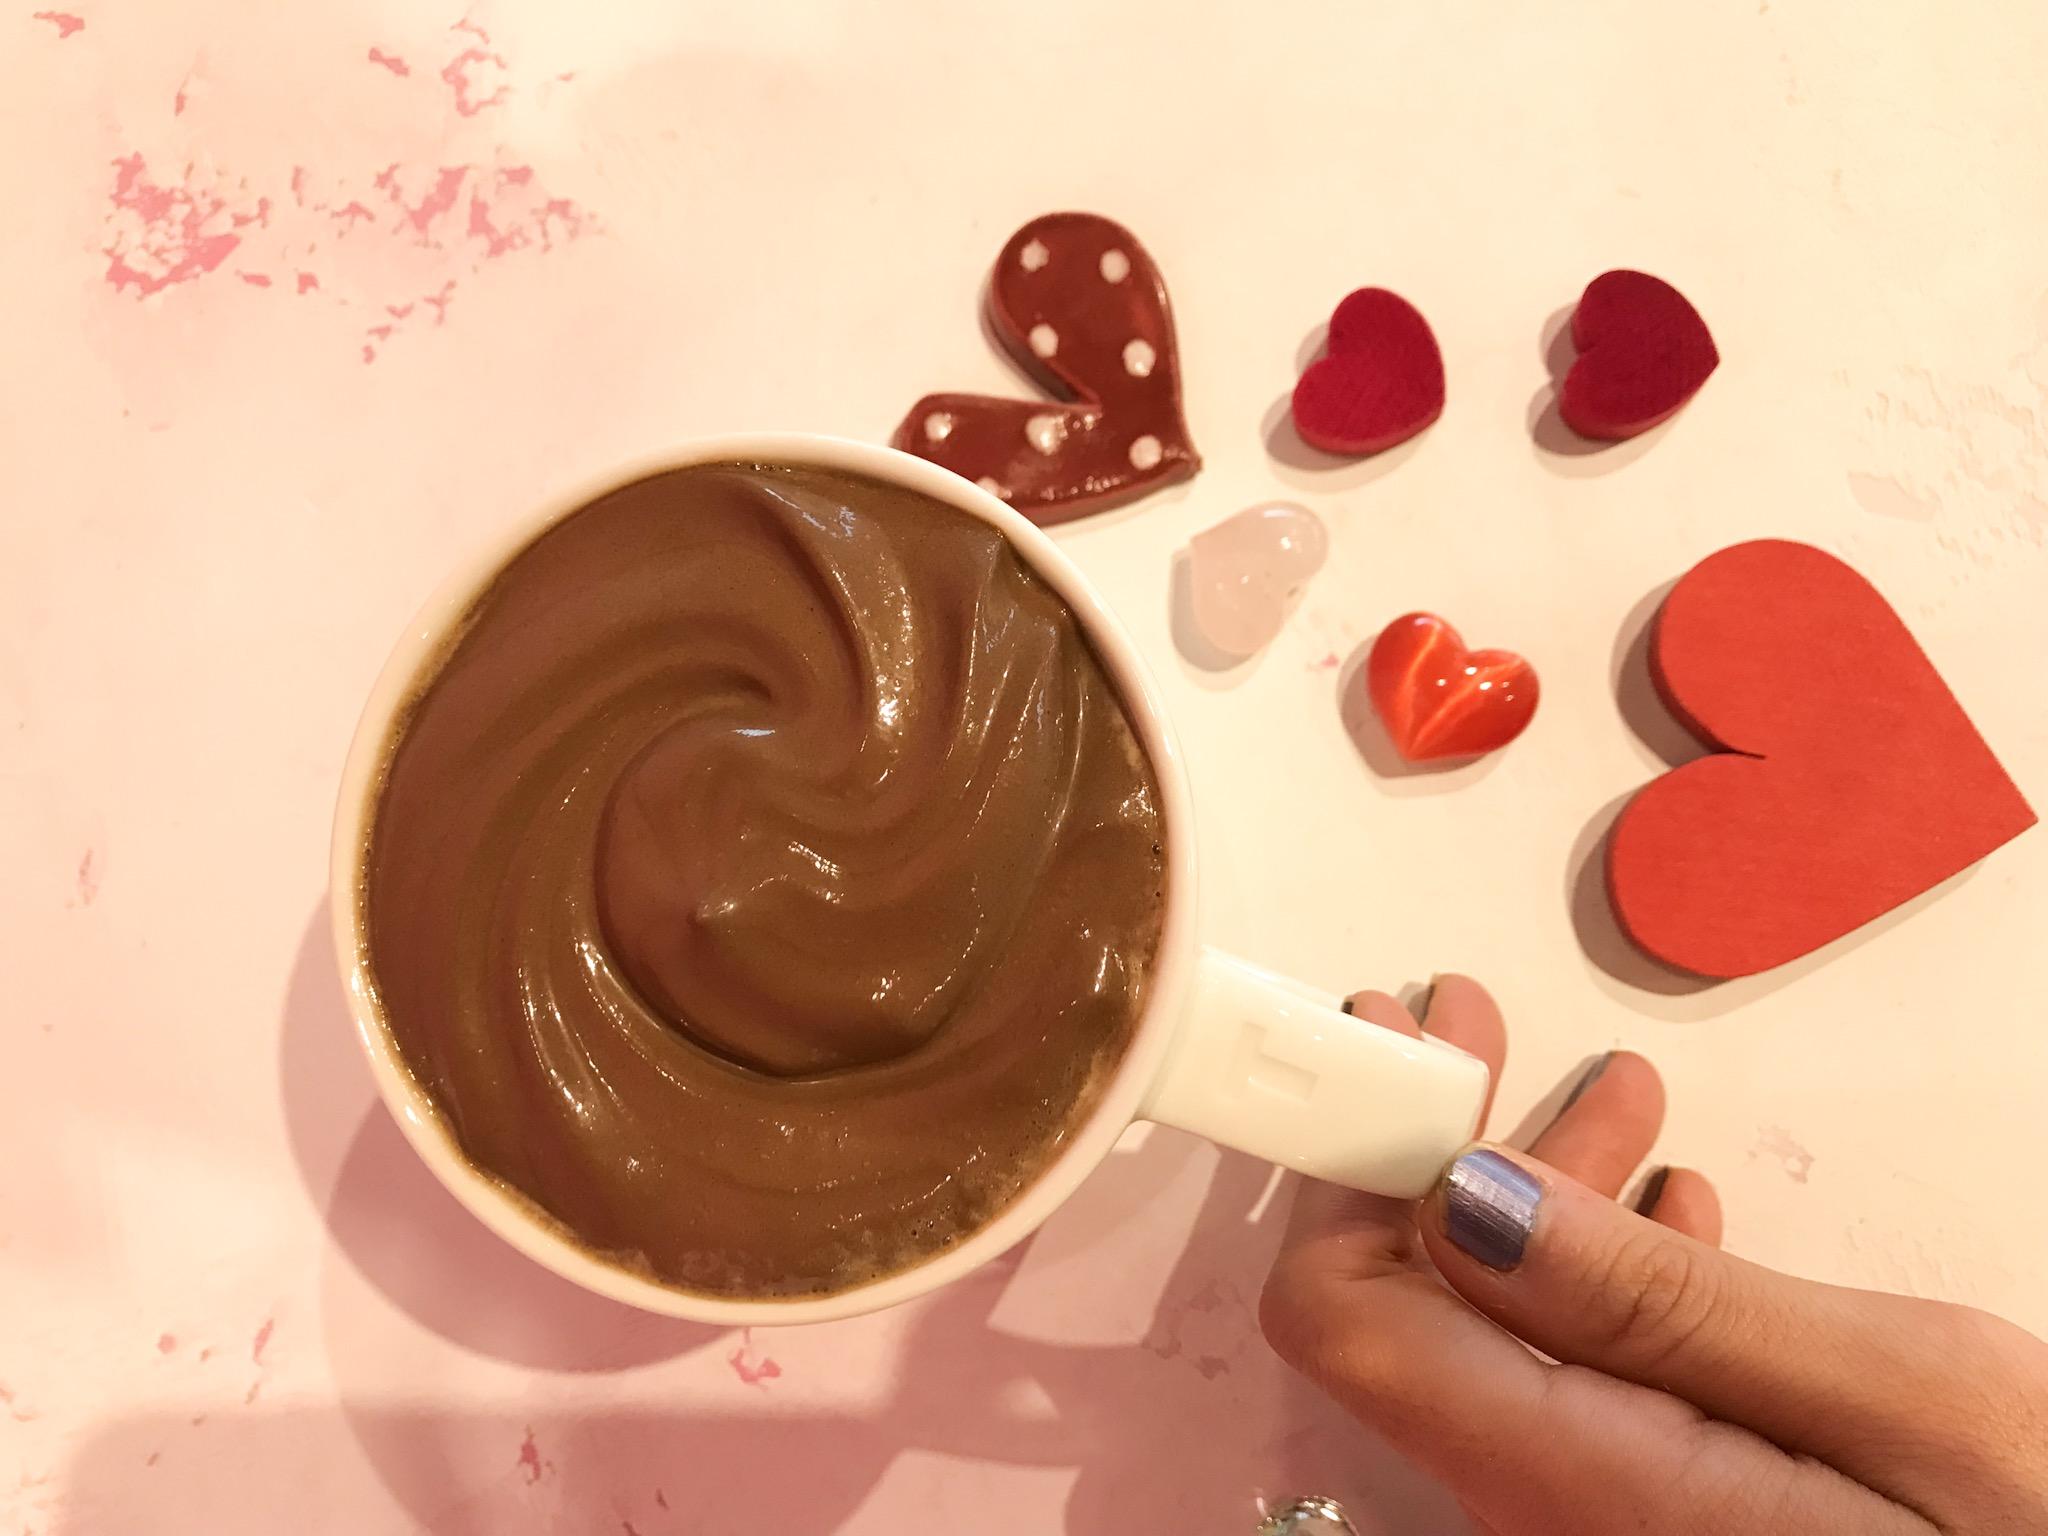 【スタバ 新作レポ】バレンタイン2020第1弾♡ 様々なチョコの味を楽しめる限定ドリンクやカスタマイズ、グッズが登場!_6